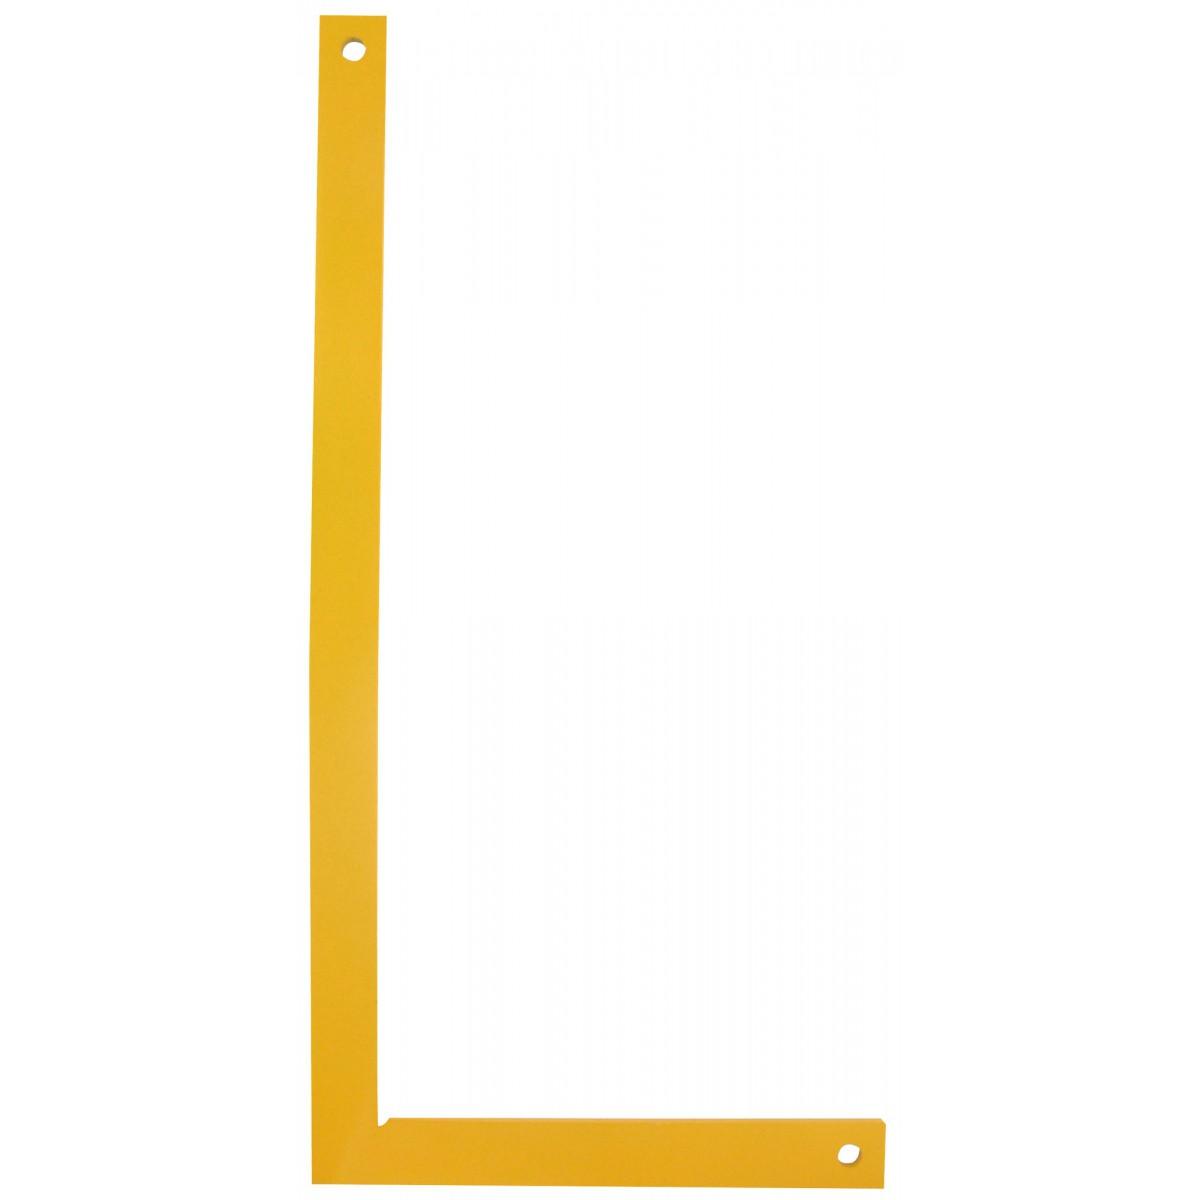 Equerre de maçon Outibat - Dimensions 80 x 40 cm